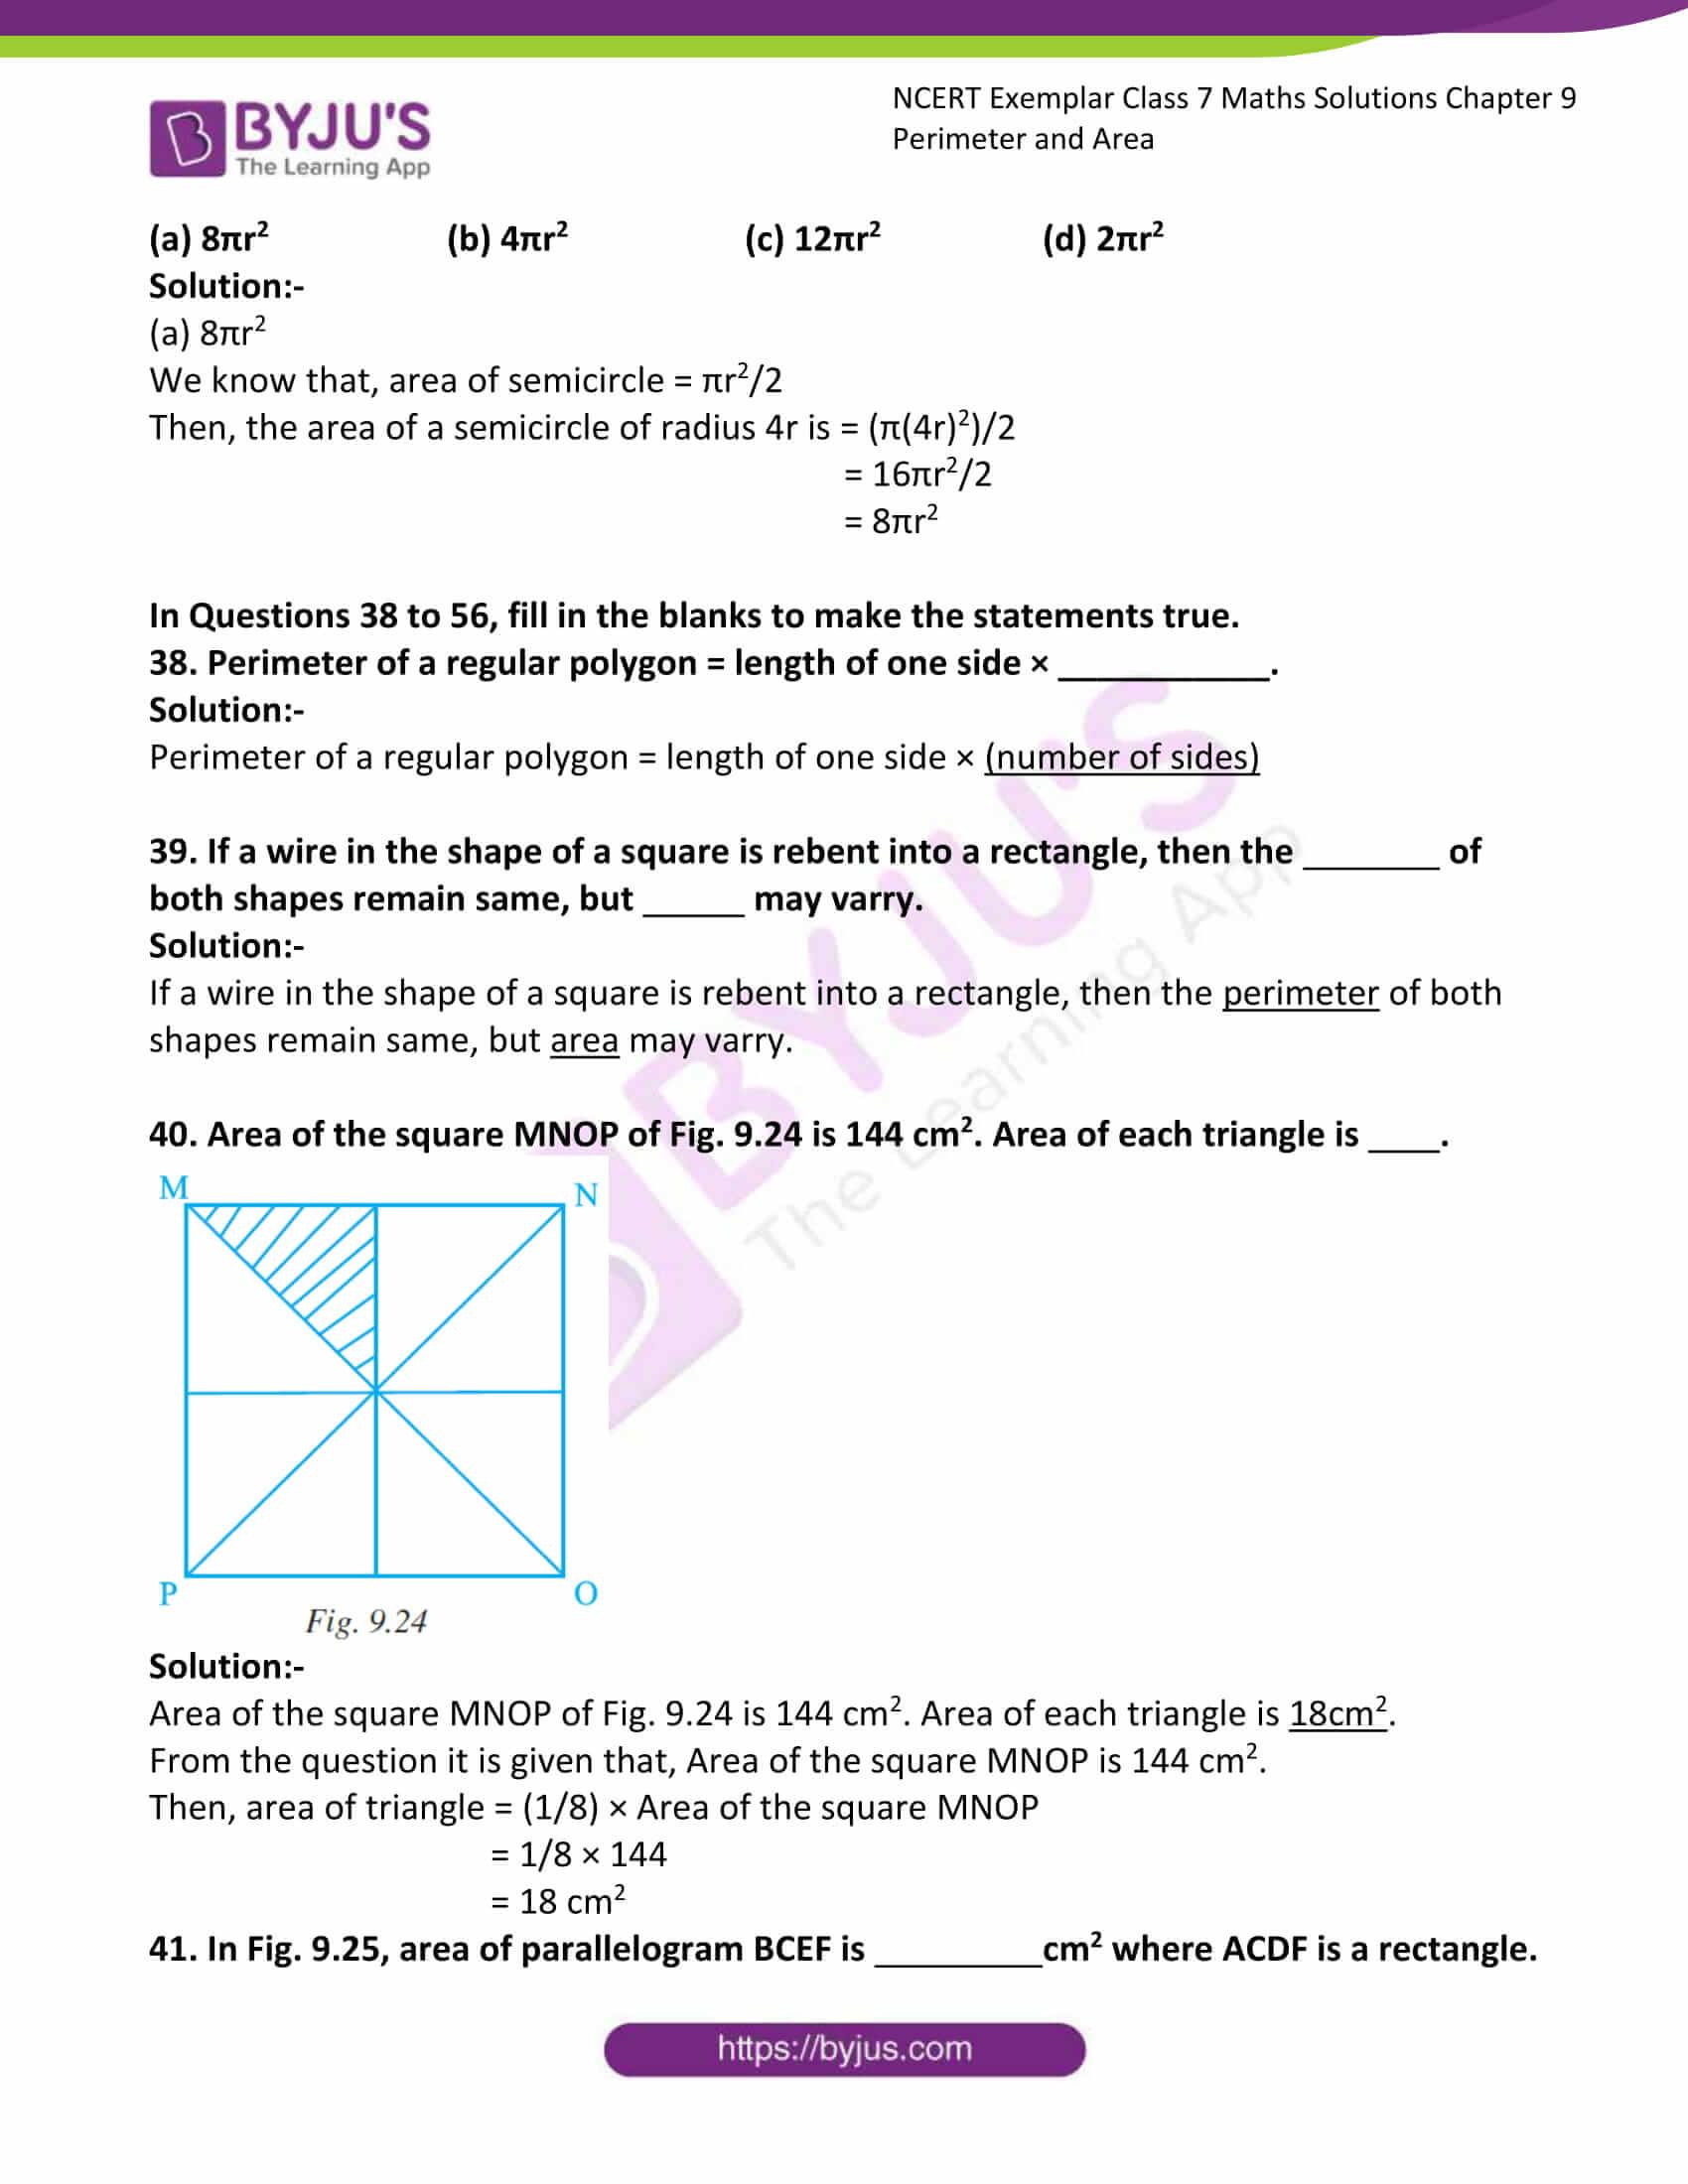 ncert exemplar class 7 maths solutions chapter 9 18